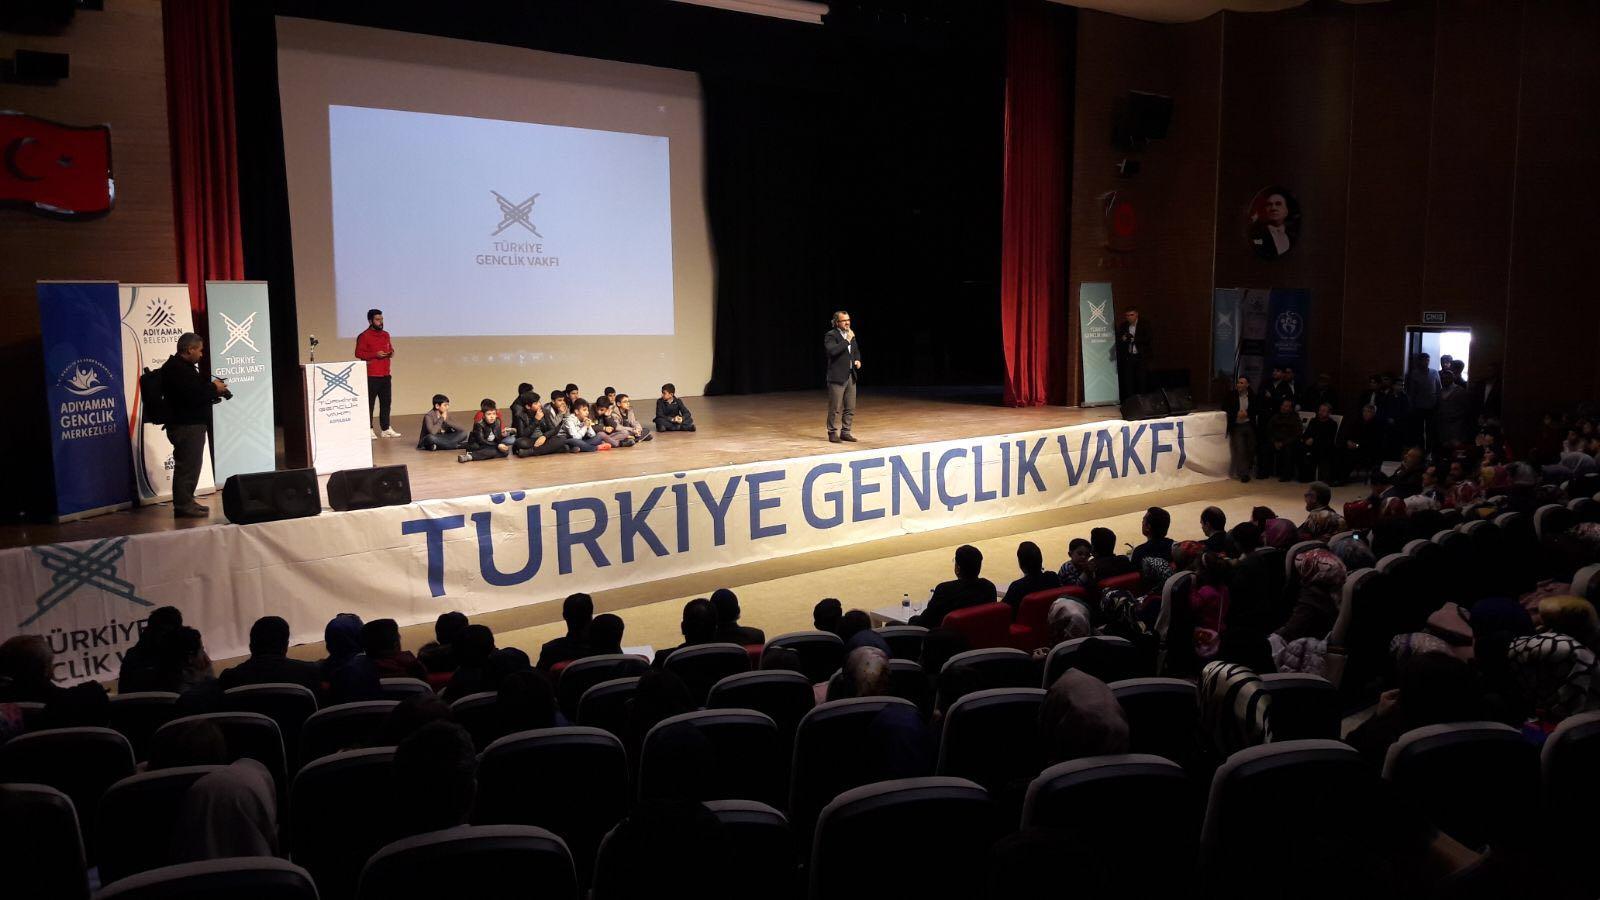 """Türkiye Gençlik Vakfı (TÜGVA) Kahta Gençlik Merkezi, Kahta Kaymakamlığı ve Kahta Belediyesi işbirliği ile """"Hayata Gülümse"""" semineri düzenlendi. Kahta Kültür Sitesi'nde gerçekleştirilen seminerde konuşan Kişisel Gelişim Uzmanı Sıtkı Aslanhan, toplumda […]"""